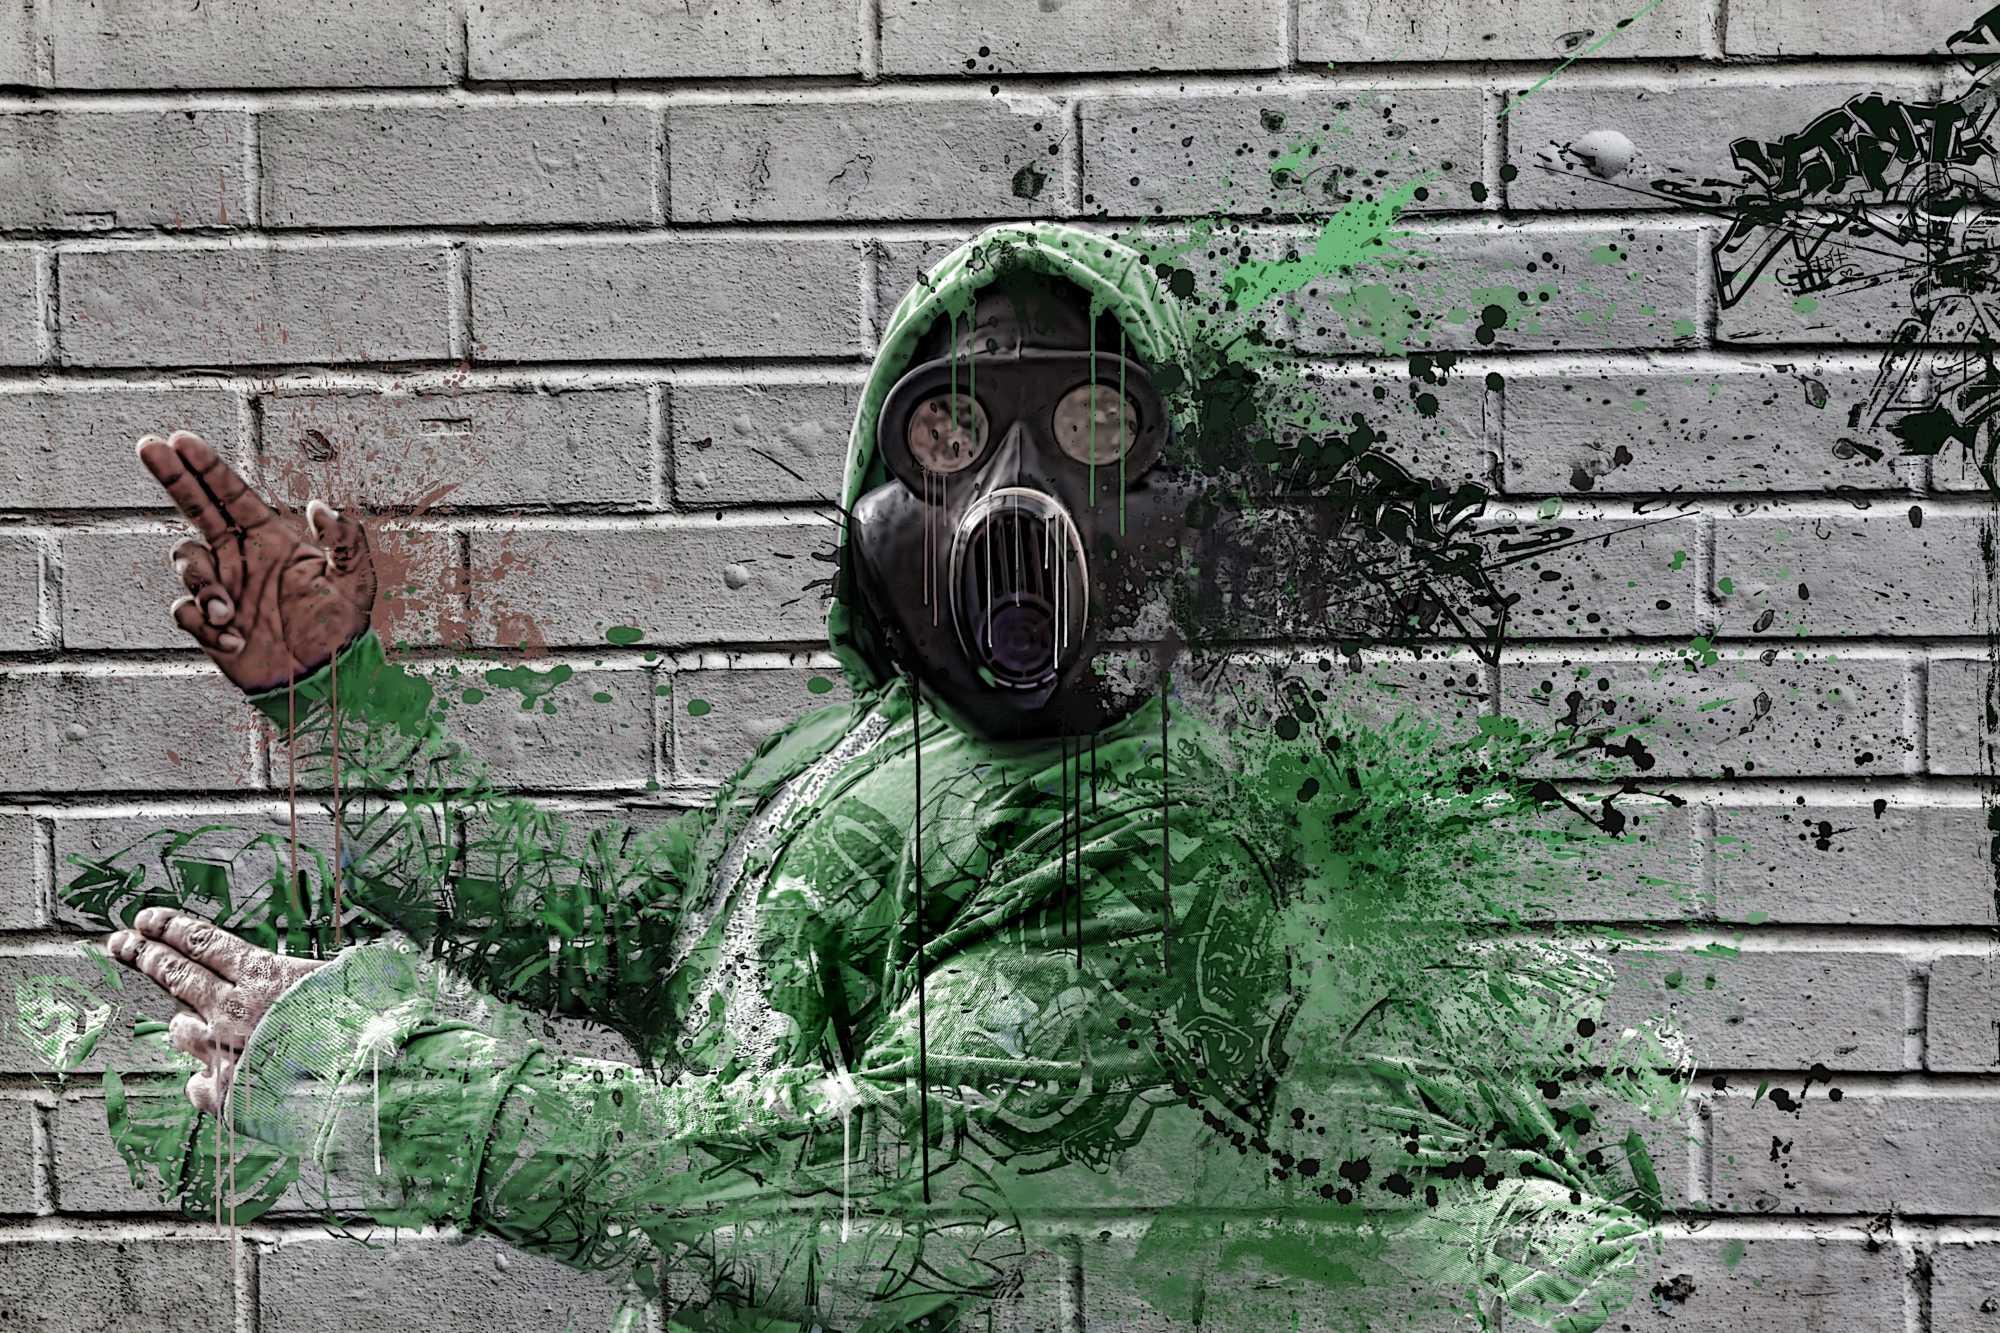 Krieg, Cyberwar